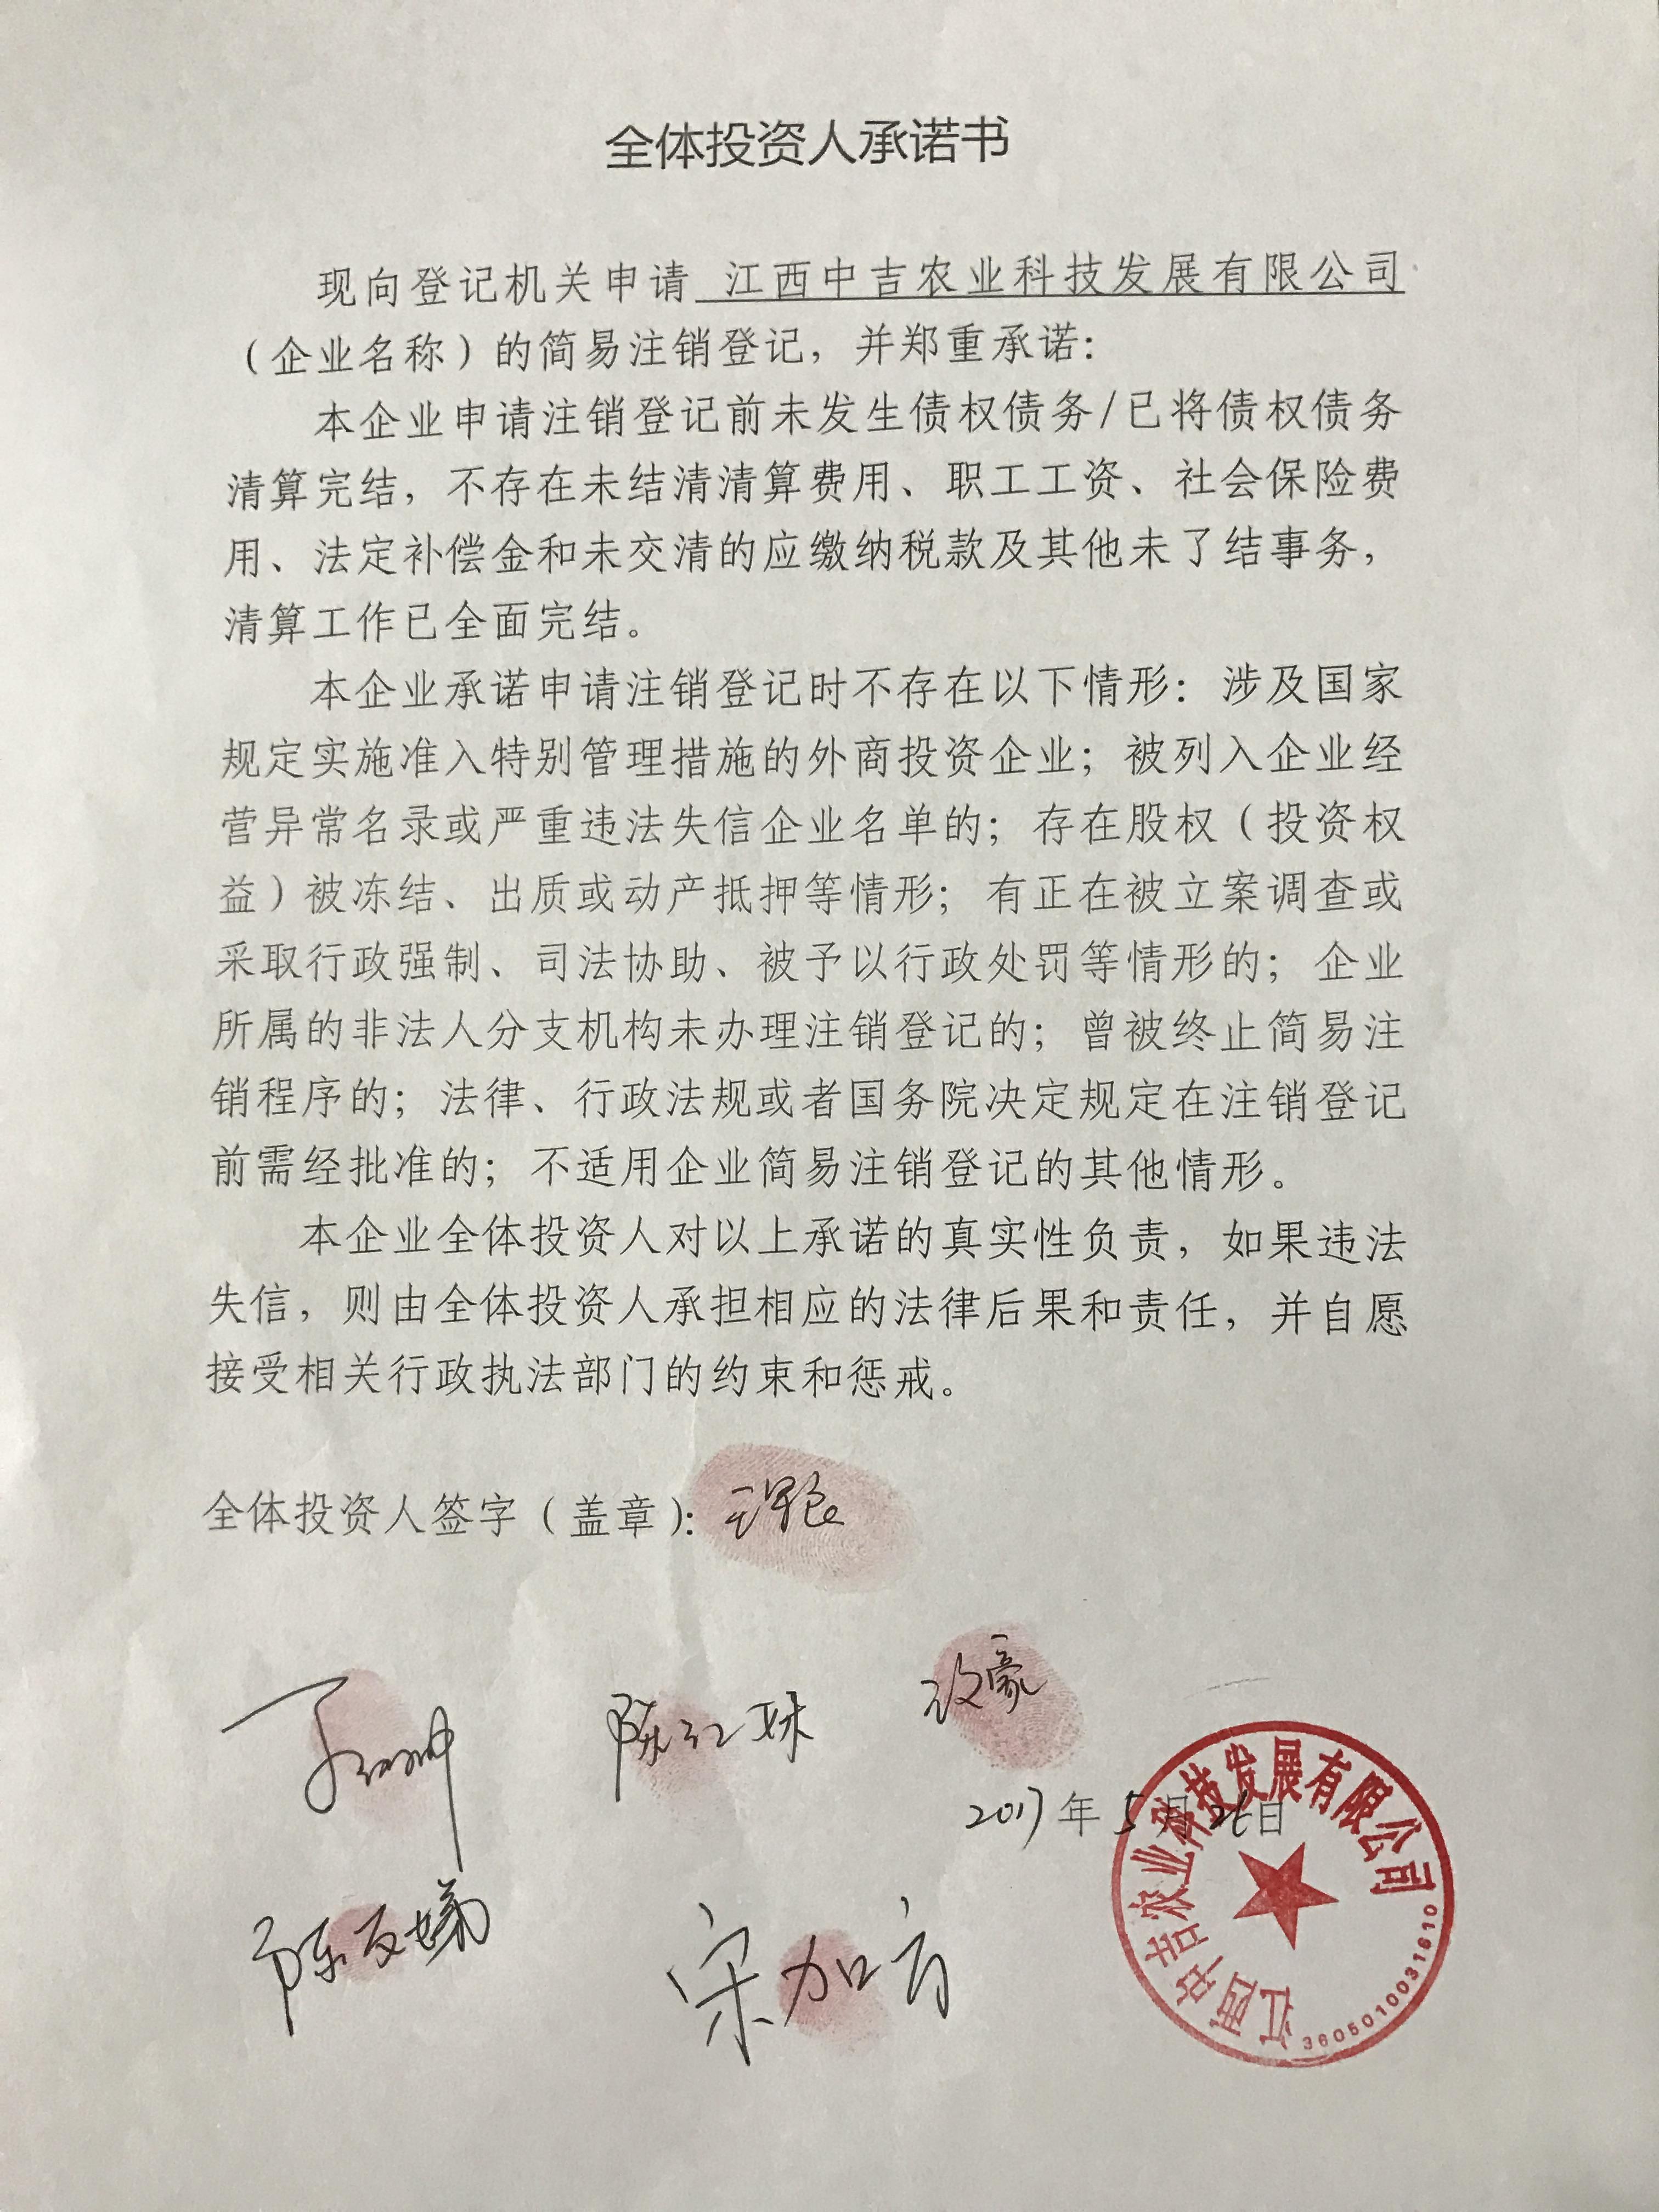 江西中吉农业科技发展有限公司